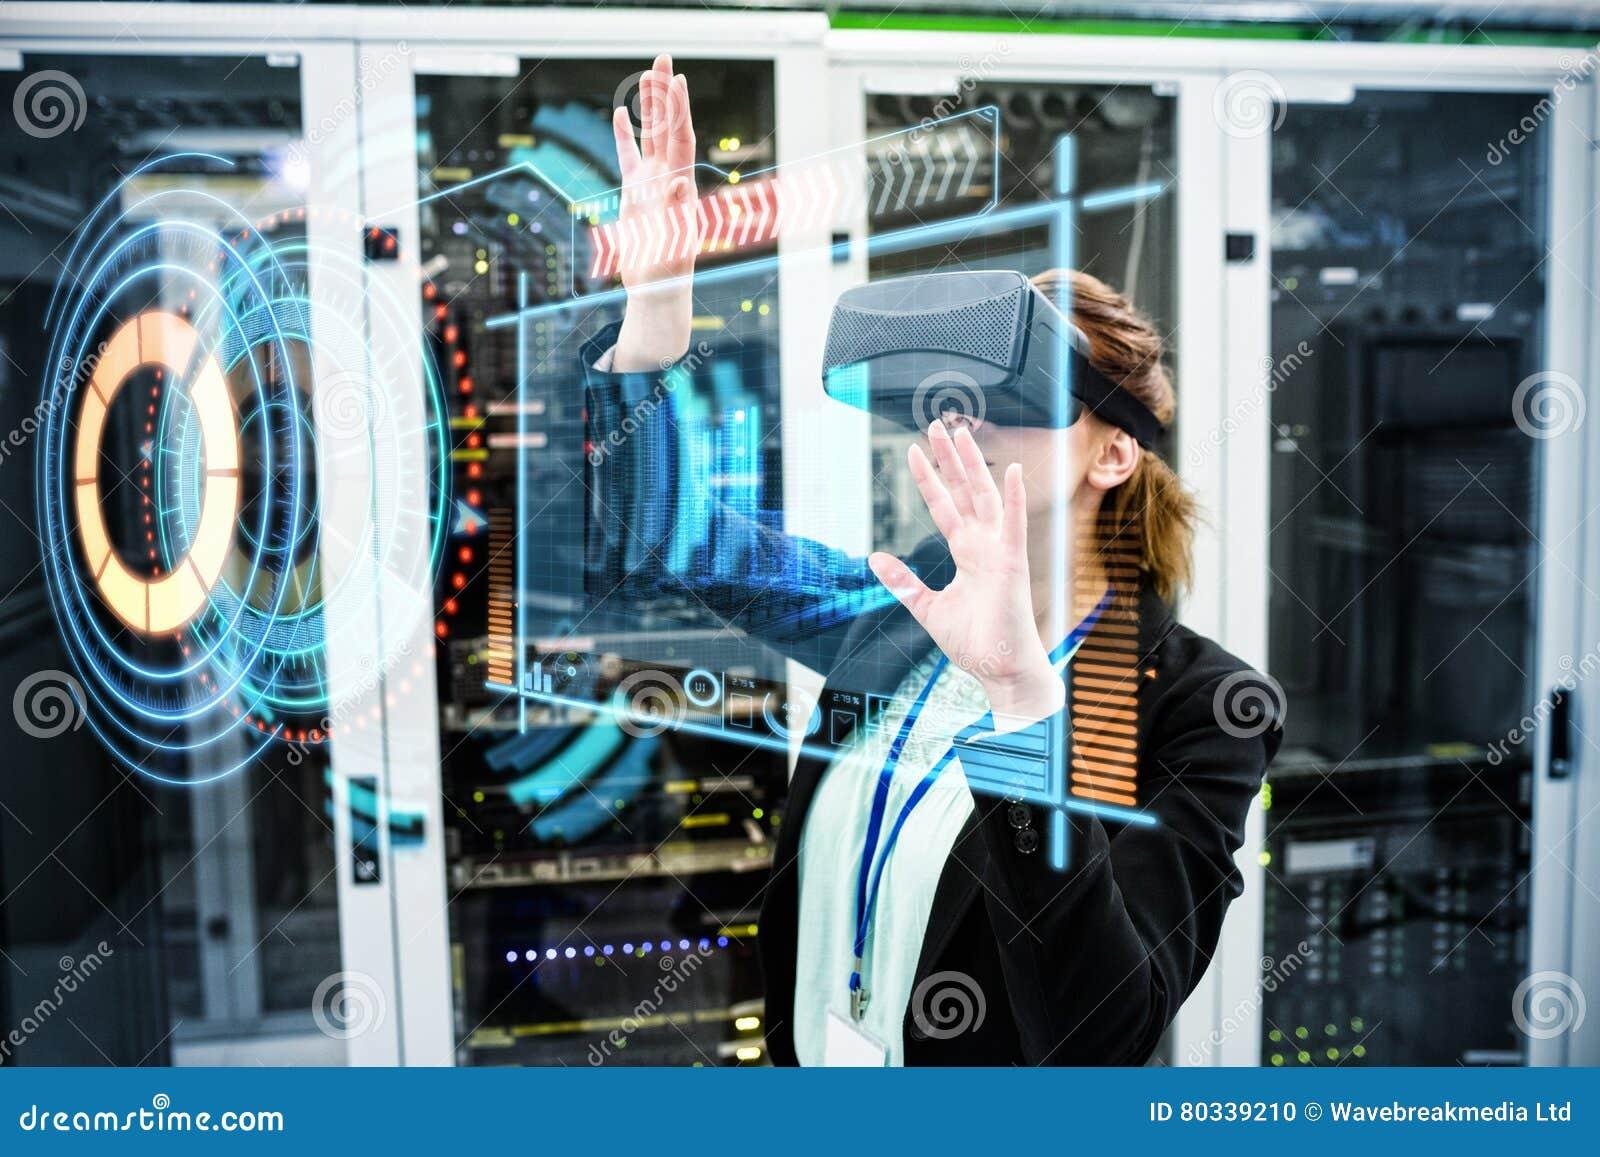 Imagen compuesta de la imagen compuesta del botón del volumen con los gráficos